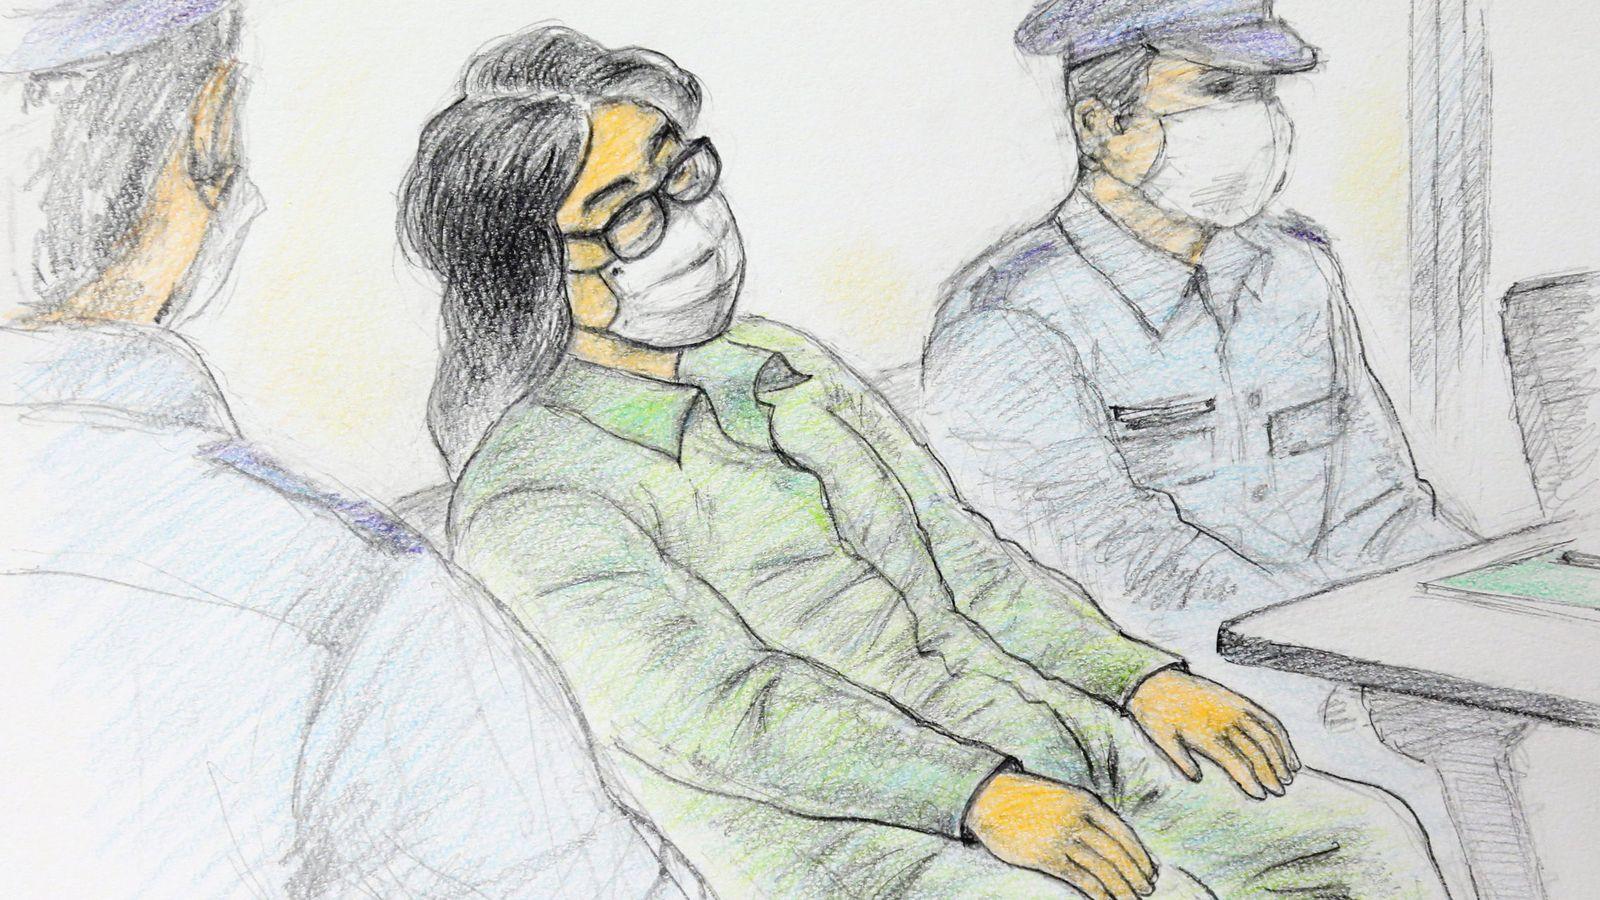 Japón condena a muerte al hombre que violó y descuartizó a 9 personas en su  piso